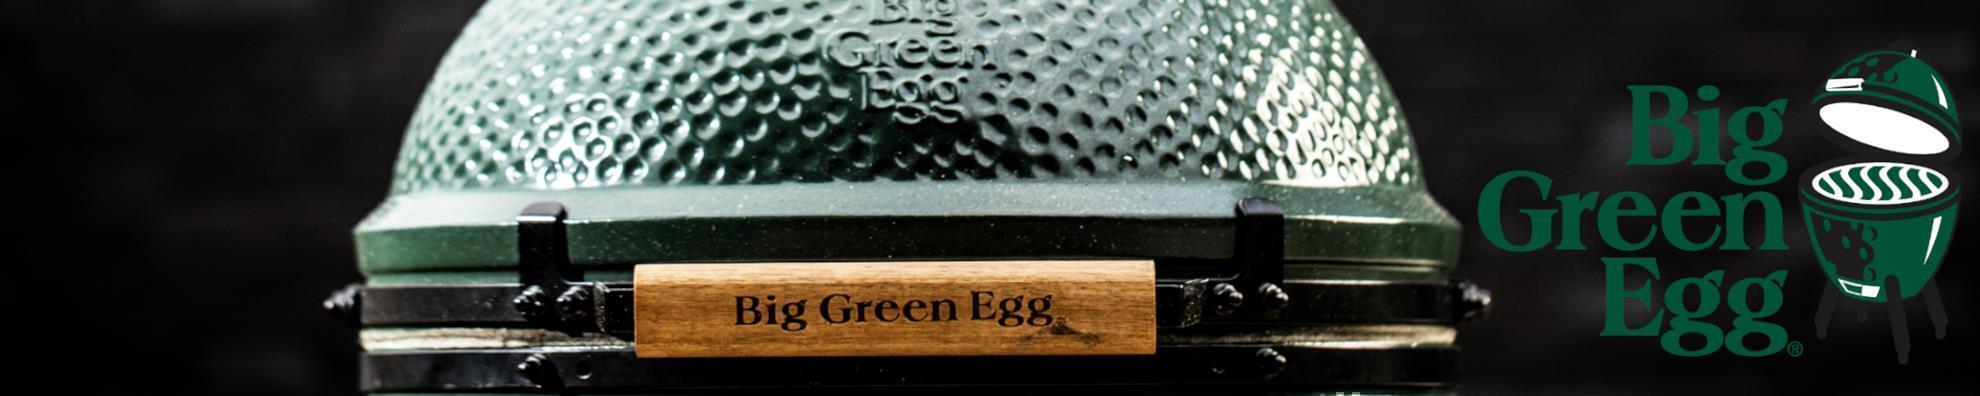 Big Green Egg - Ascheschieber M/L